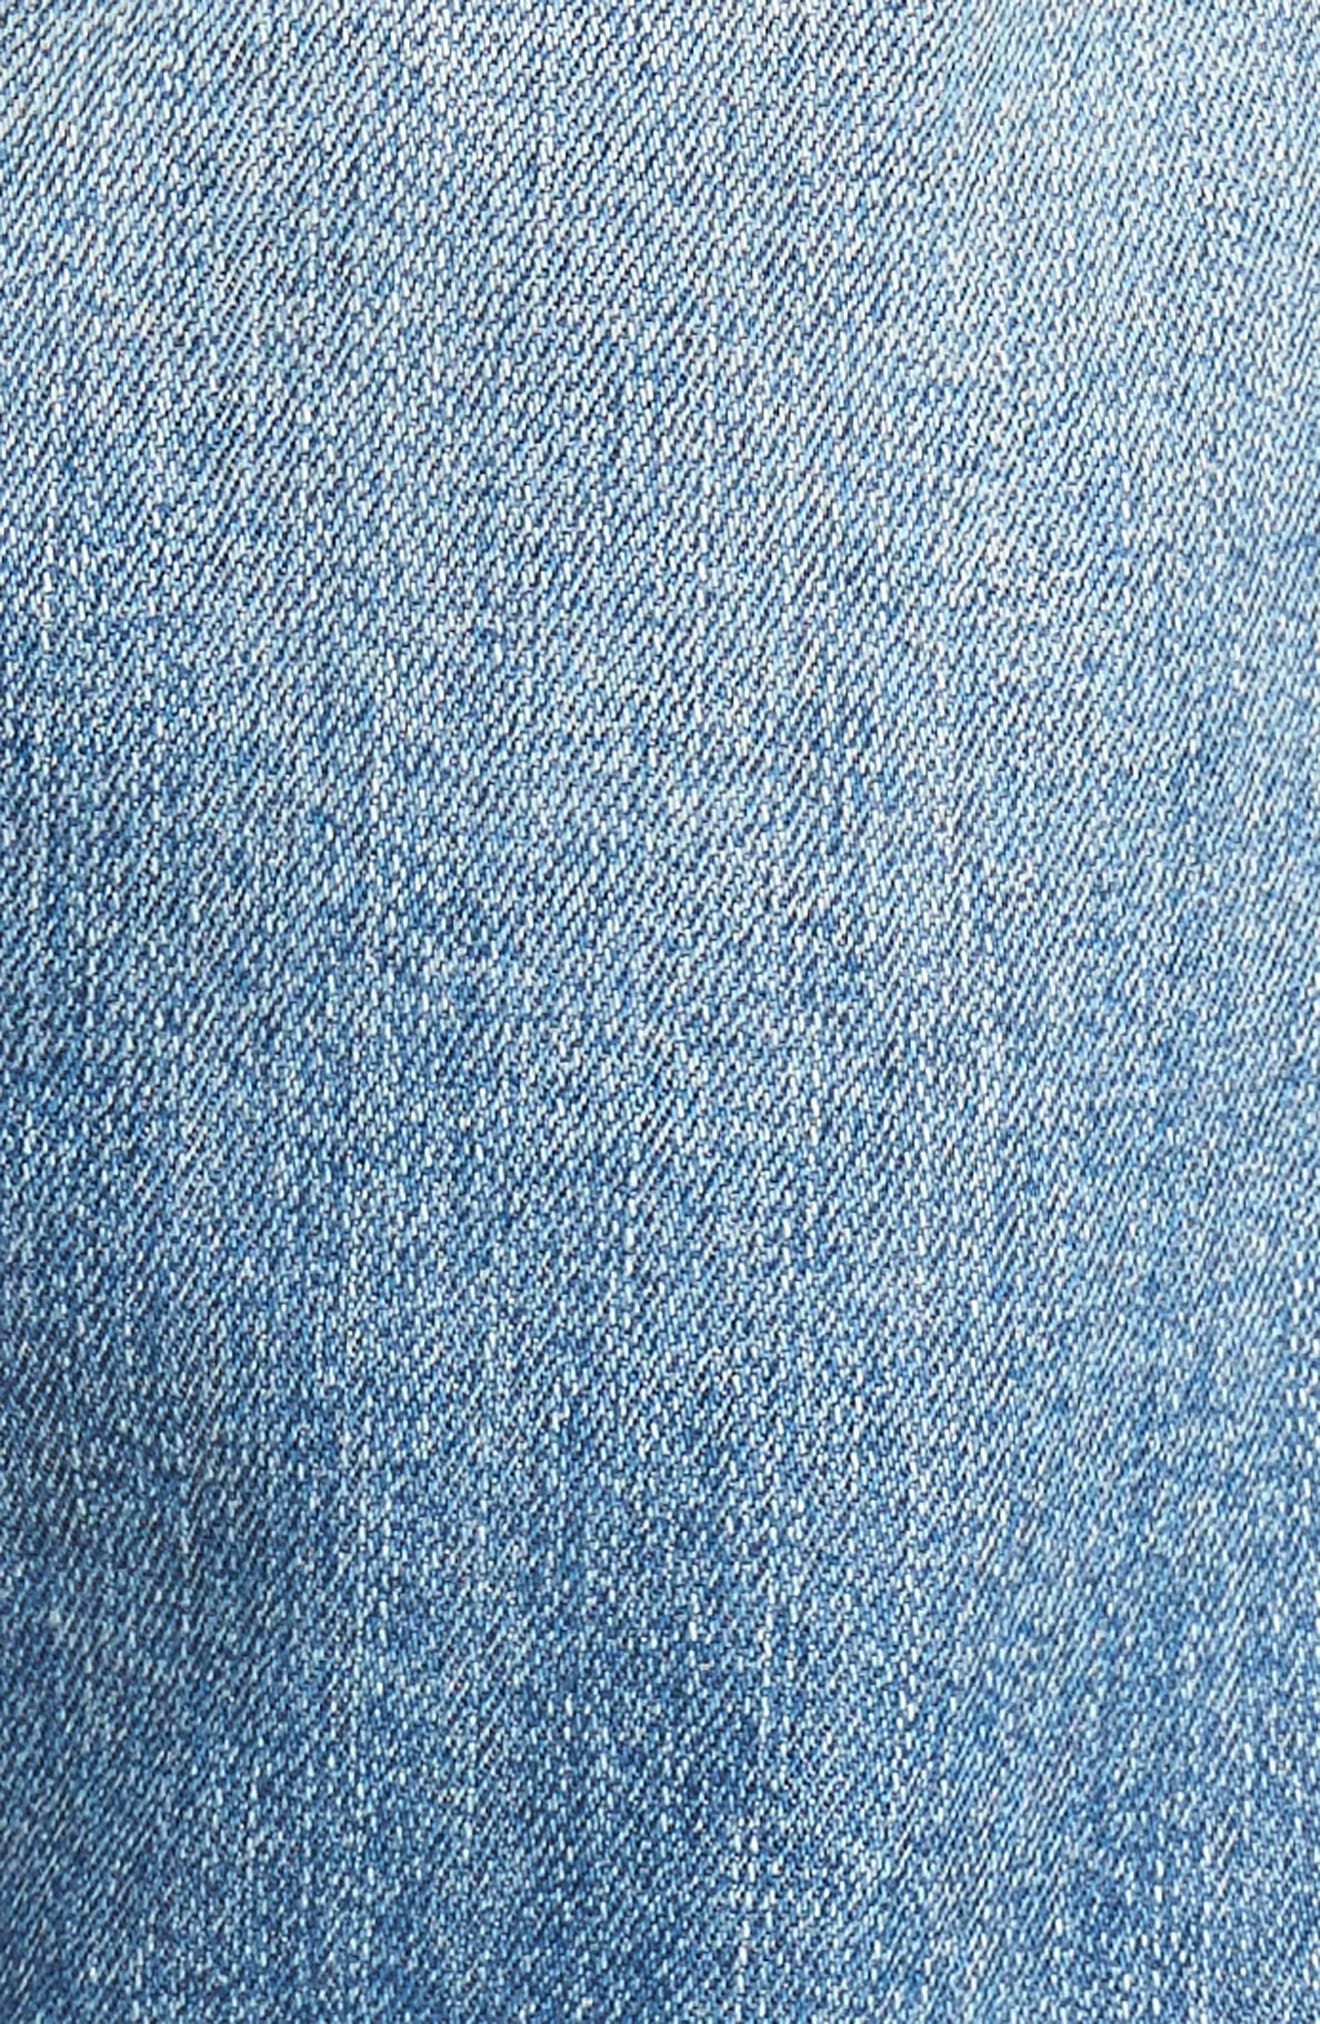 Fit 2 Slim Fit Jeans,                             Alternate thumbnail 5, color,                             423